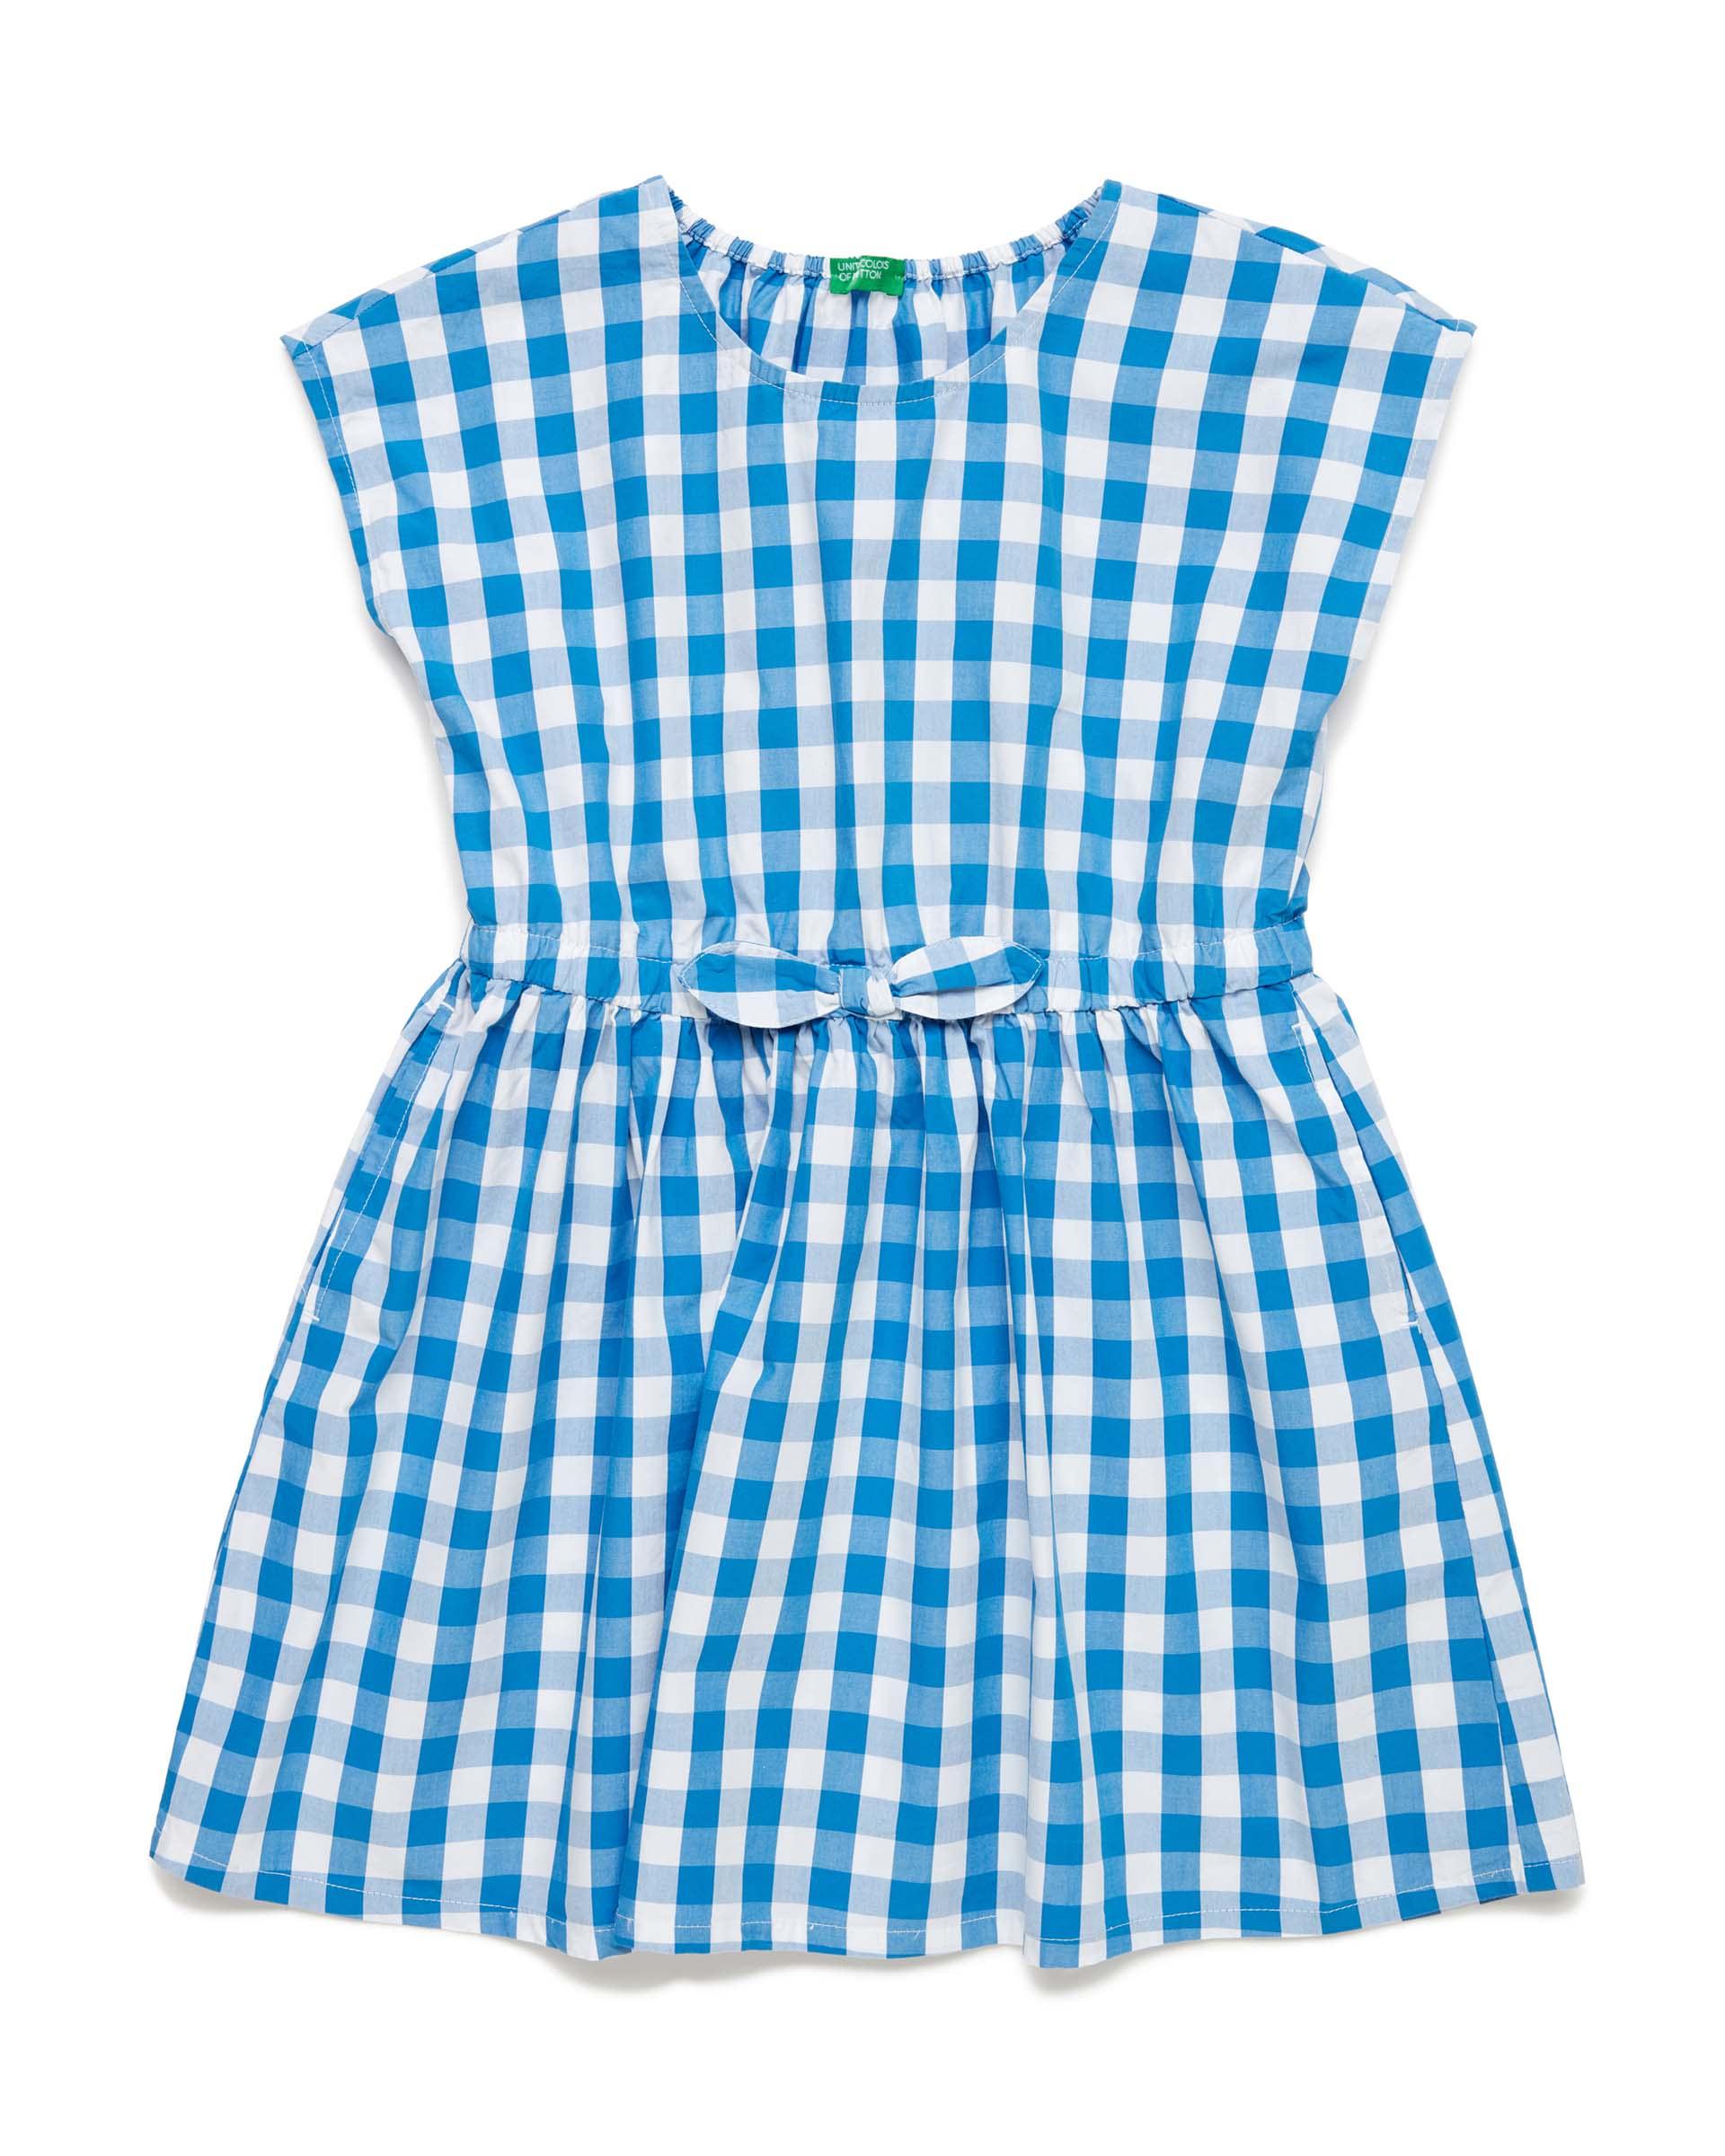 Купить 20P_4OT75VDG0_910, Платье для девочек Benetton 4OT75VDG0_910 р-р 152, United Colors of Benetton, Платья для девочек